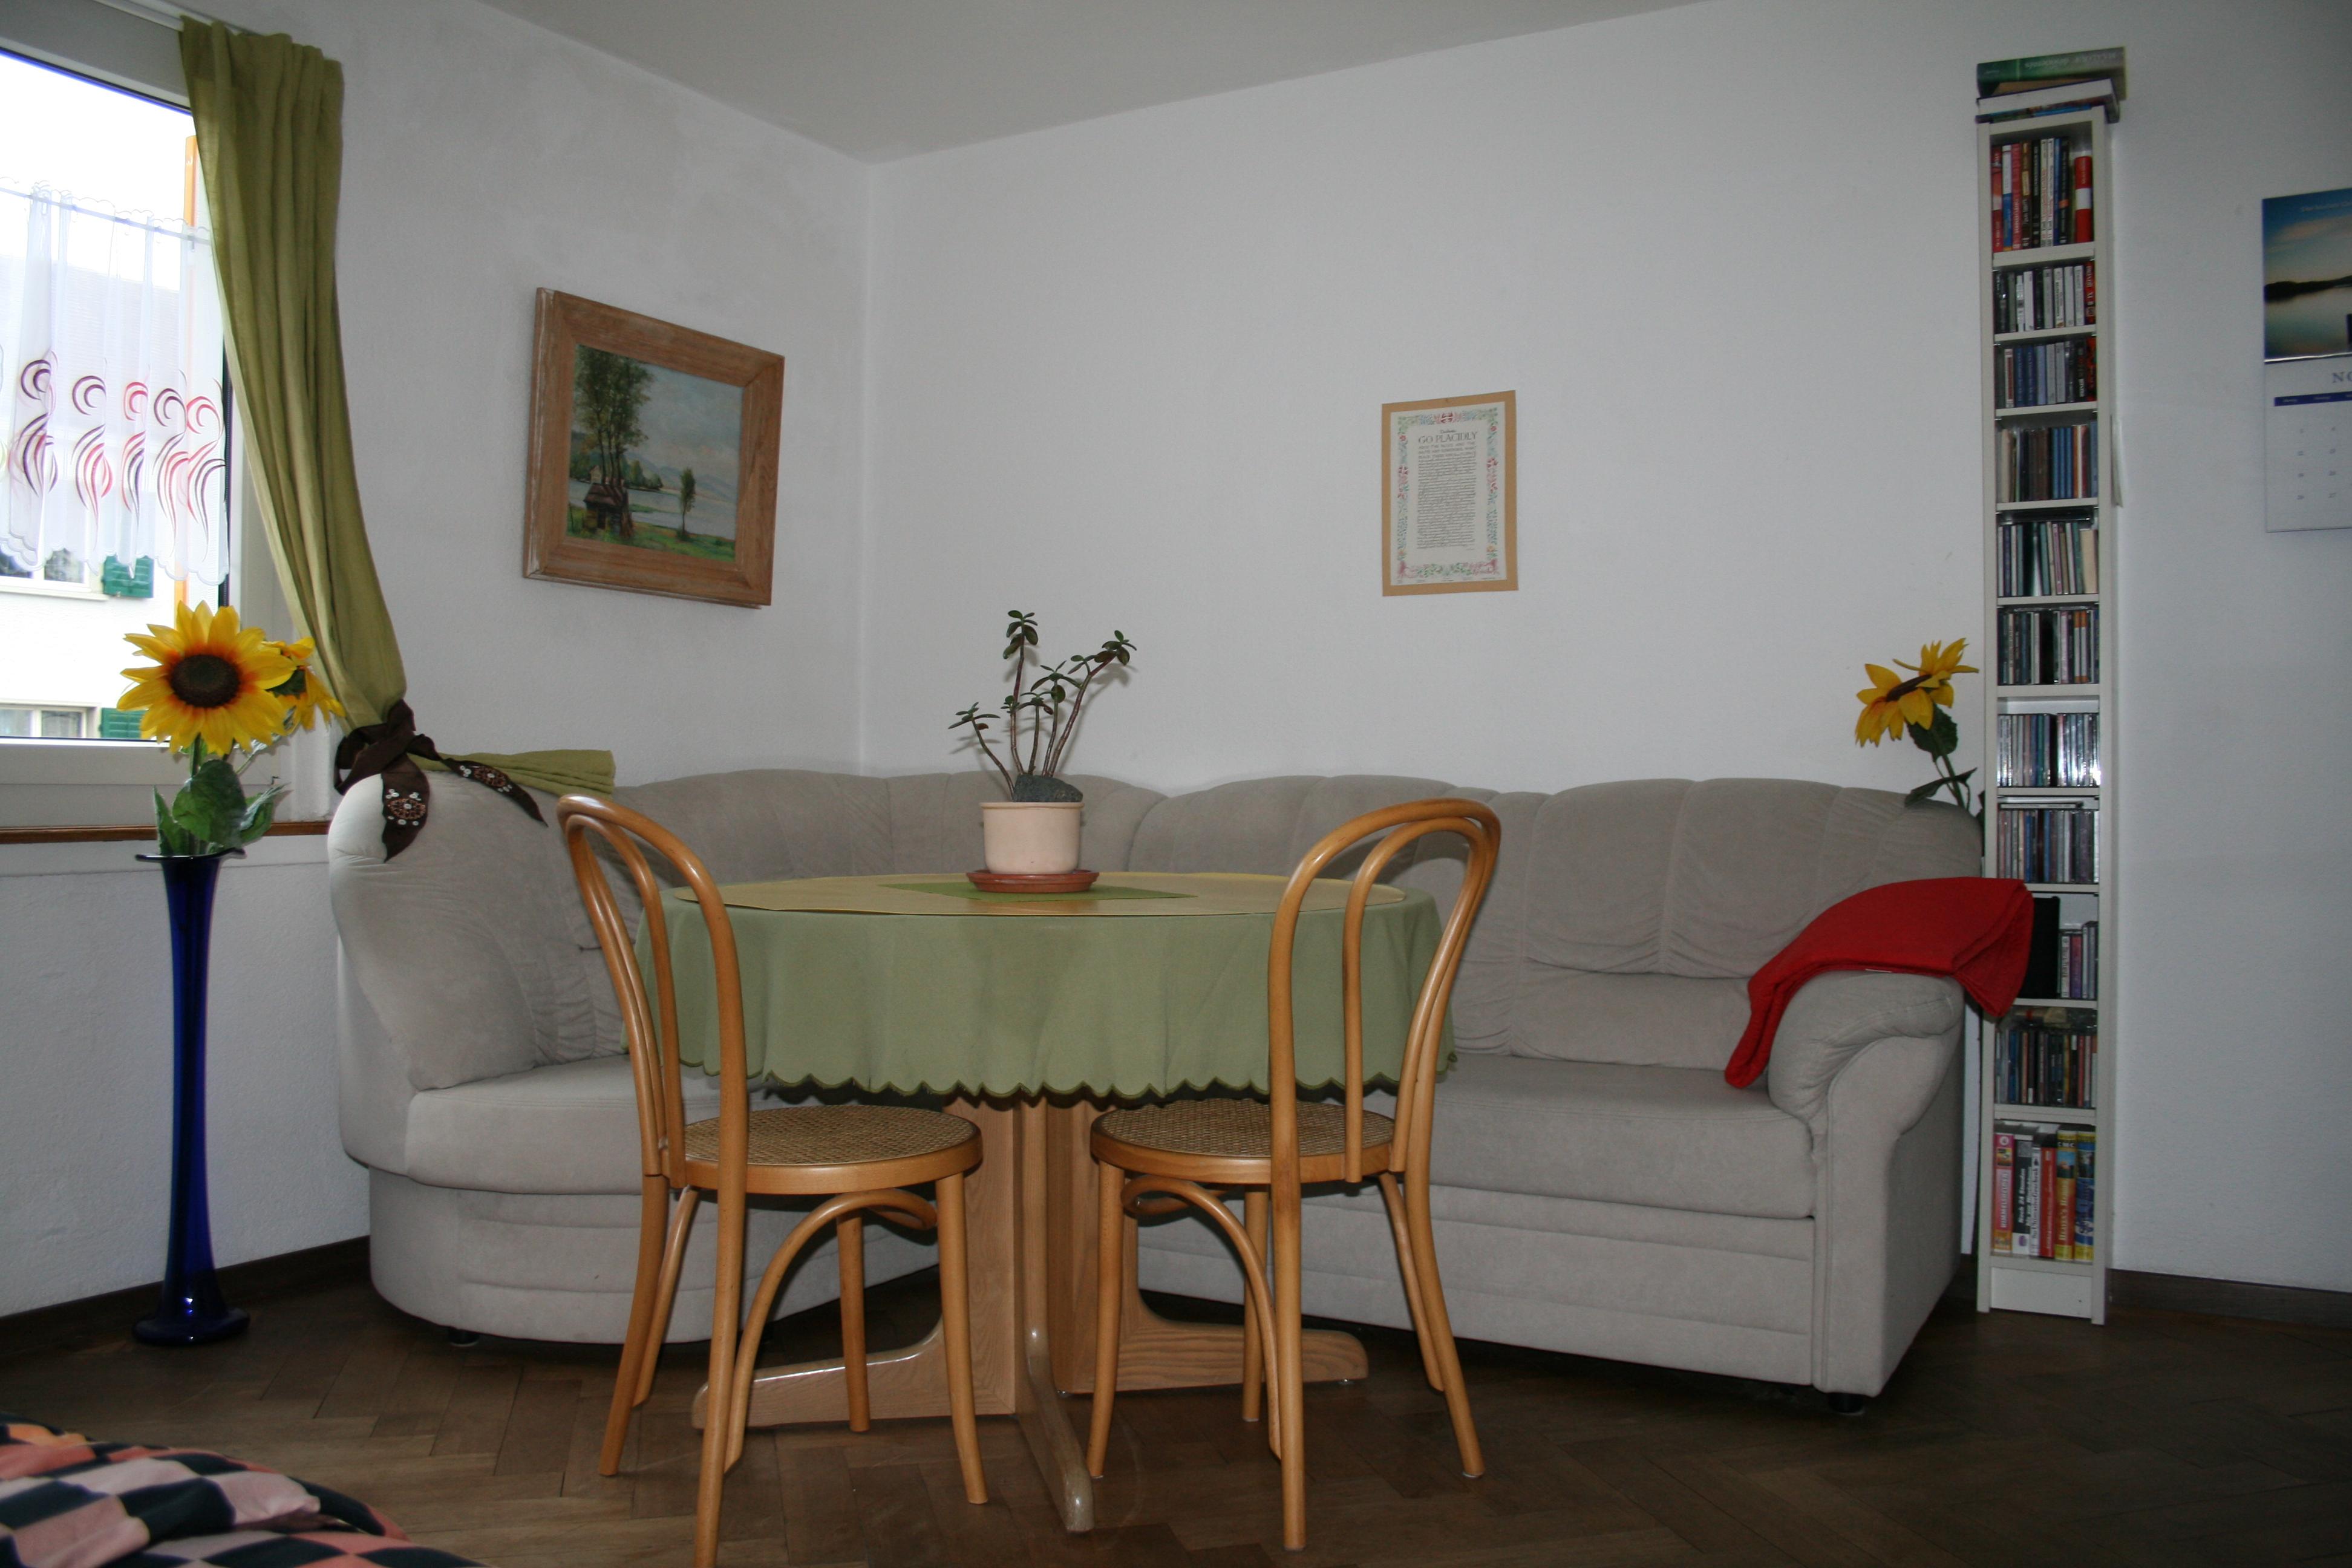 Zimmer Zürich 2, ein Schreib- und Gemütlichkeitsecke mit bequemem Sofa, das ausziehbar wäre, und auf Anfrage dies auch allenfalls möglich ist